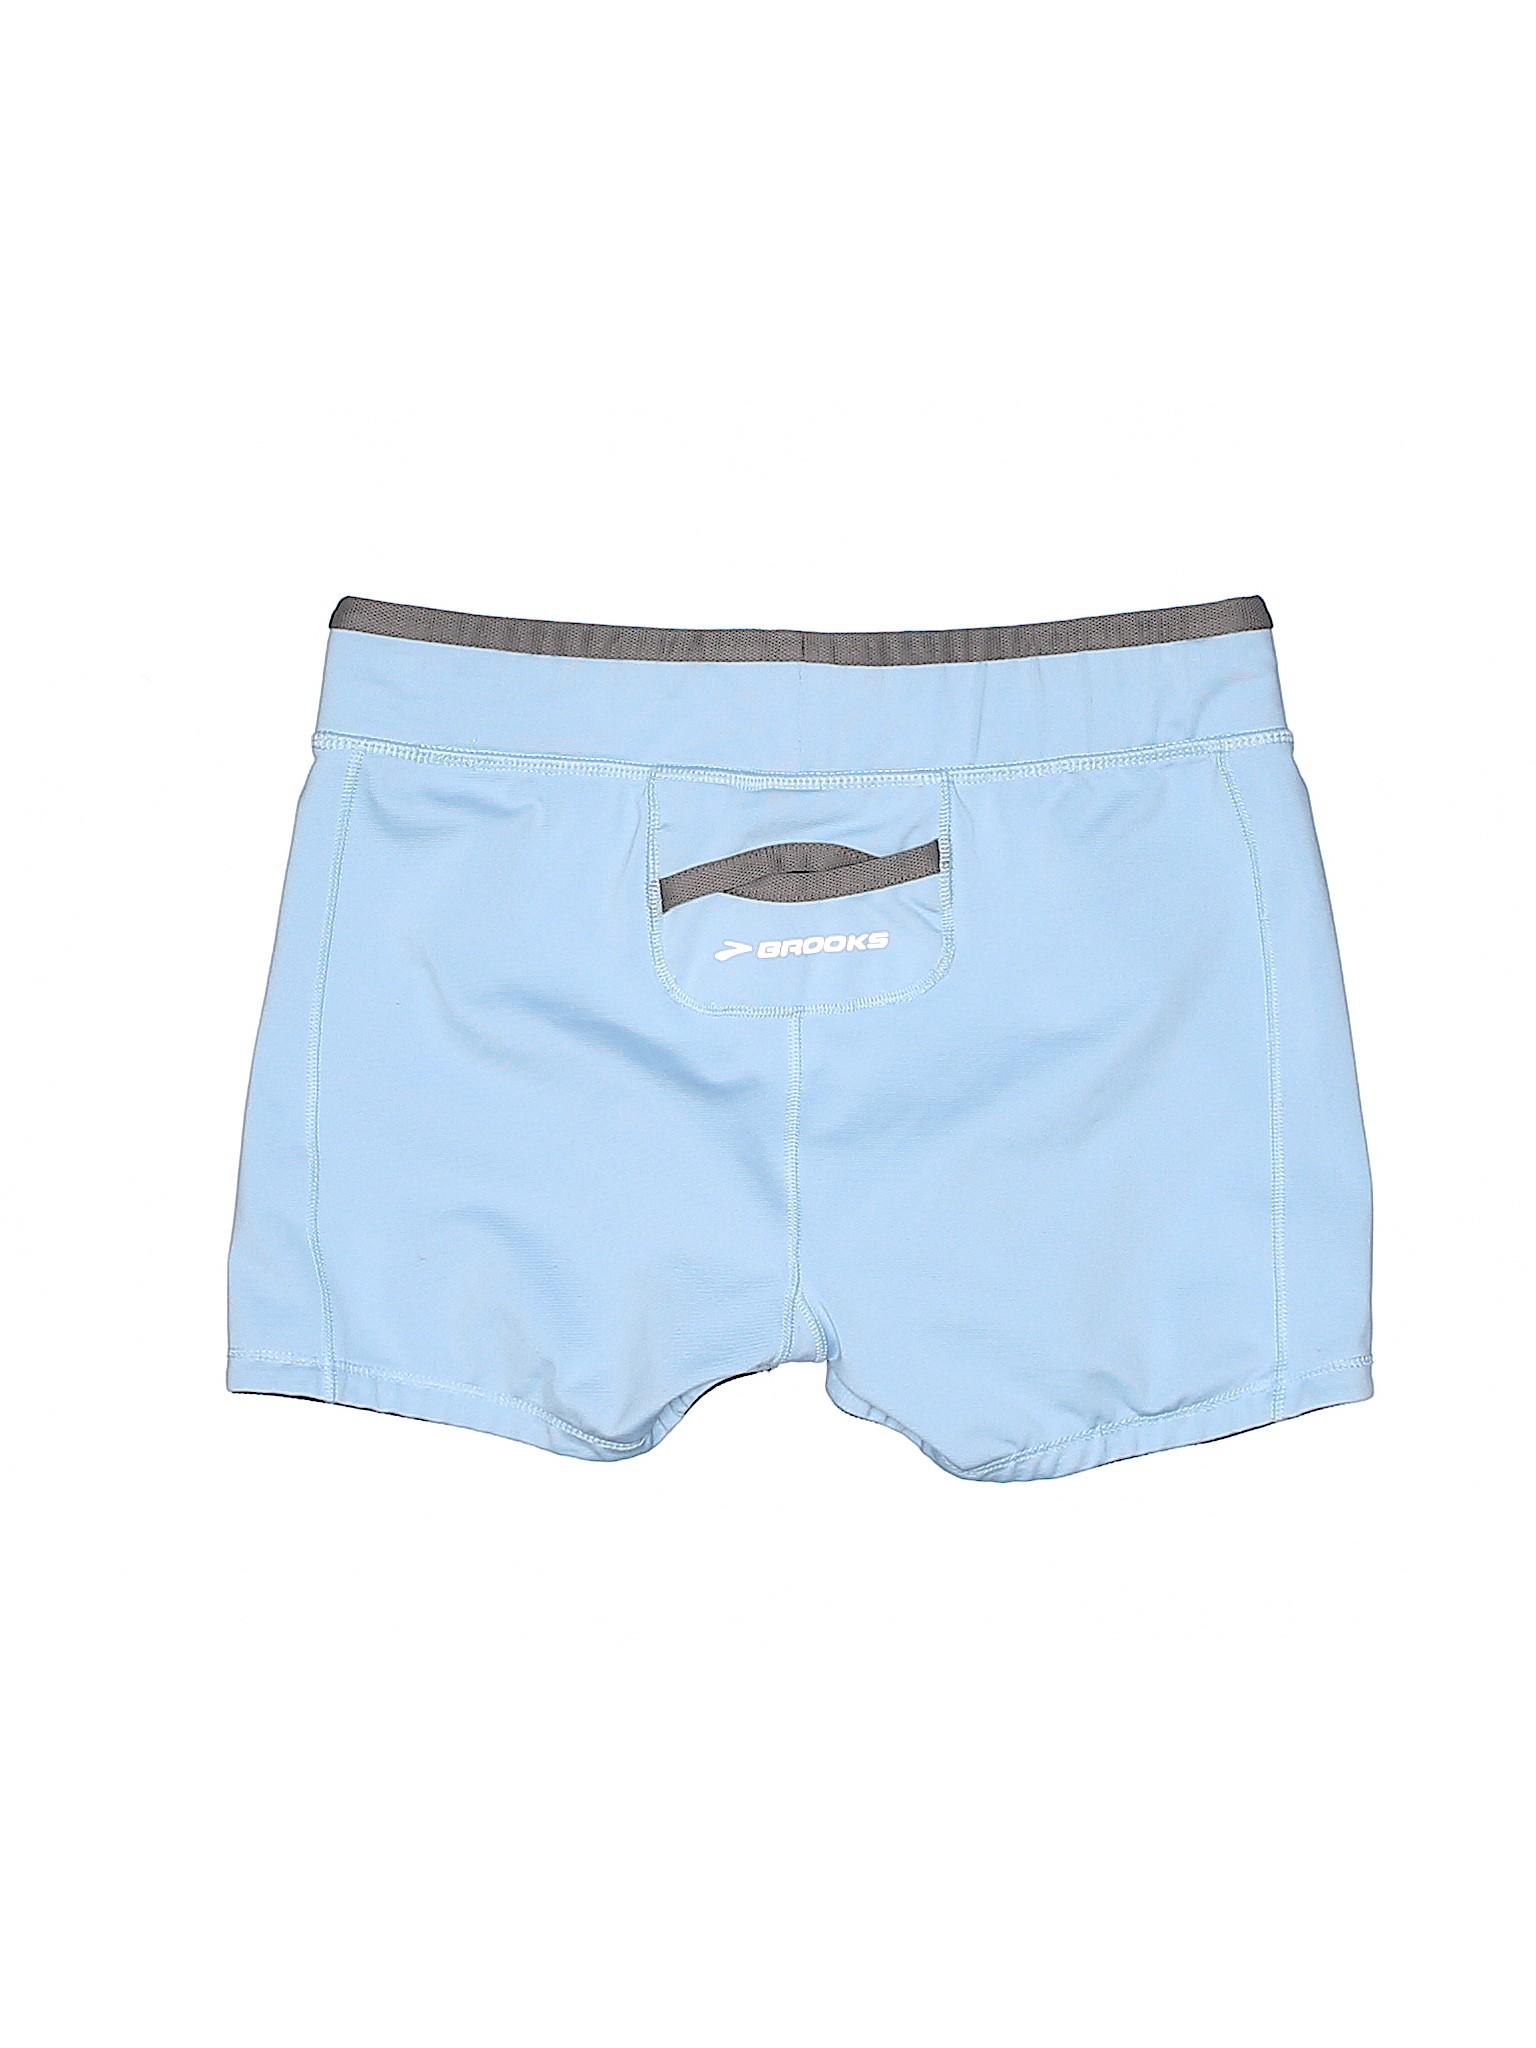 Shorts Athletic Brooks Boutique Brooks Shorts Boutique Athletic Boutique z0xOndqwf